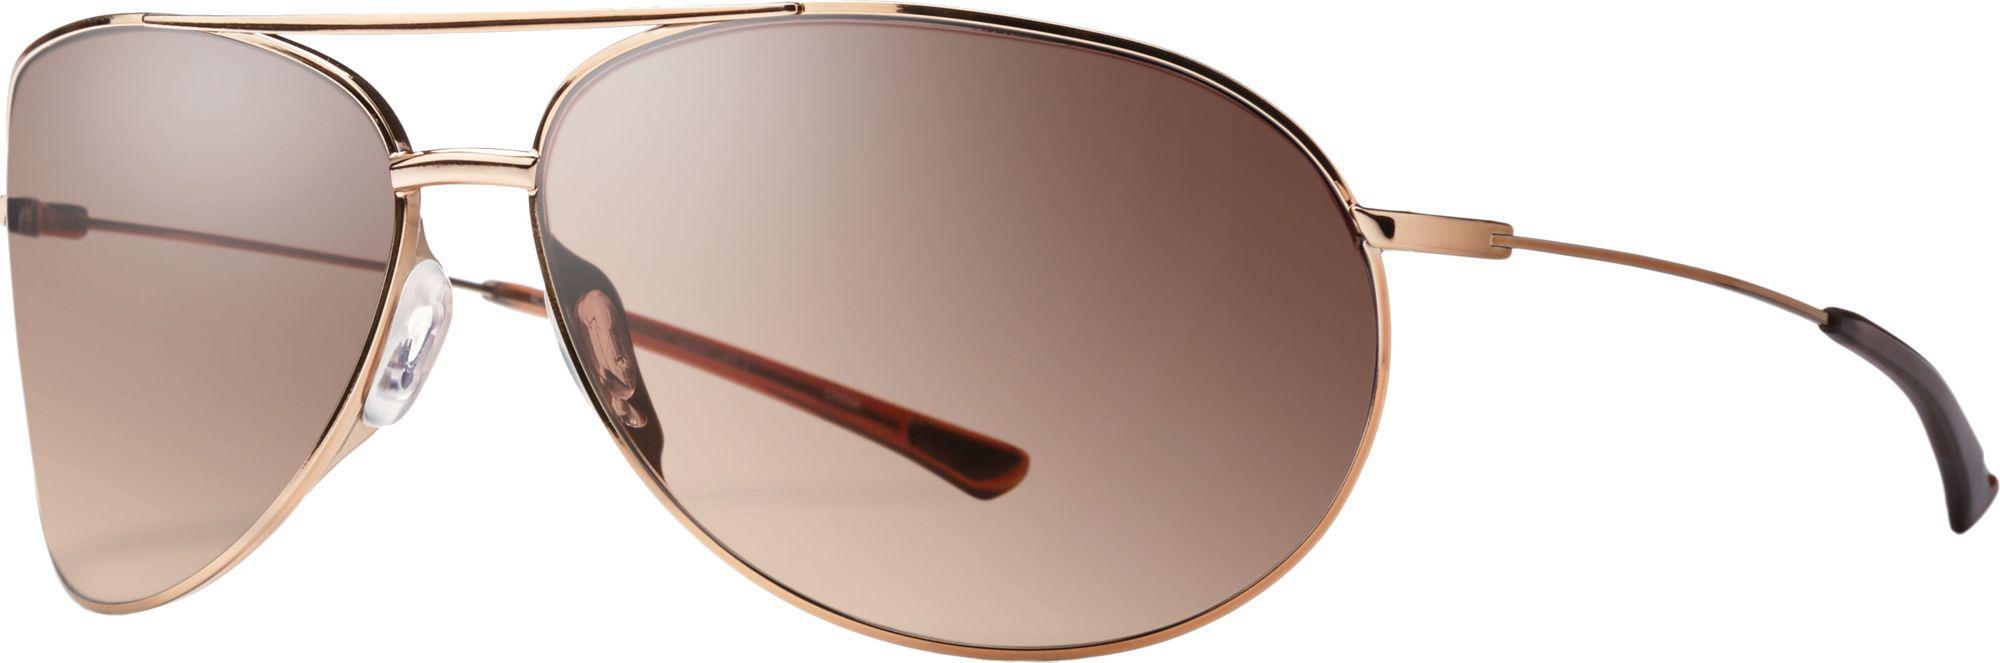 878e2e3511 Lyst - Smith Optics Rockford Sunglasses in Brown for Men